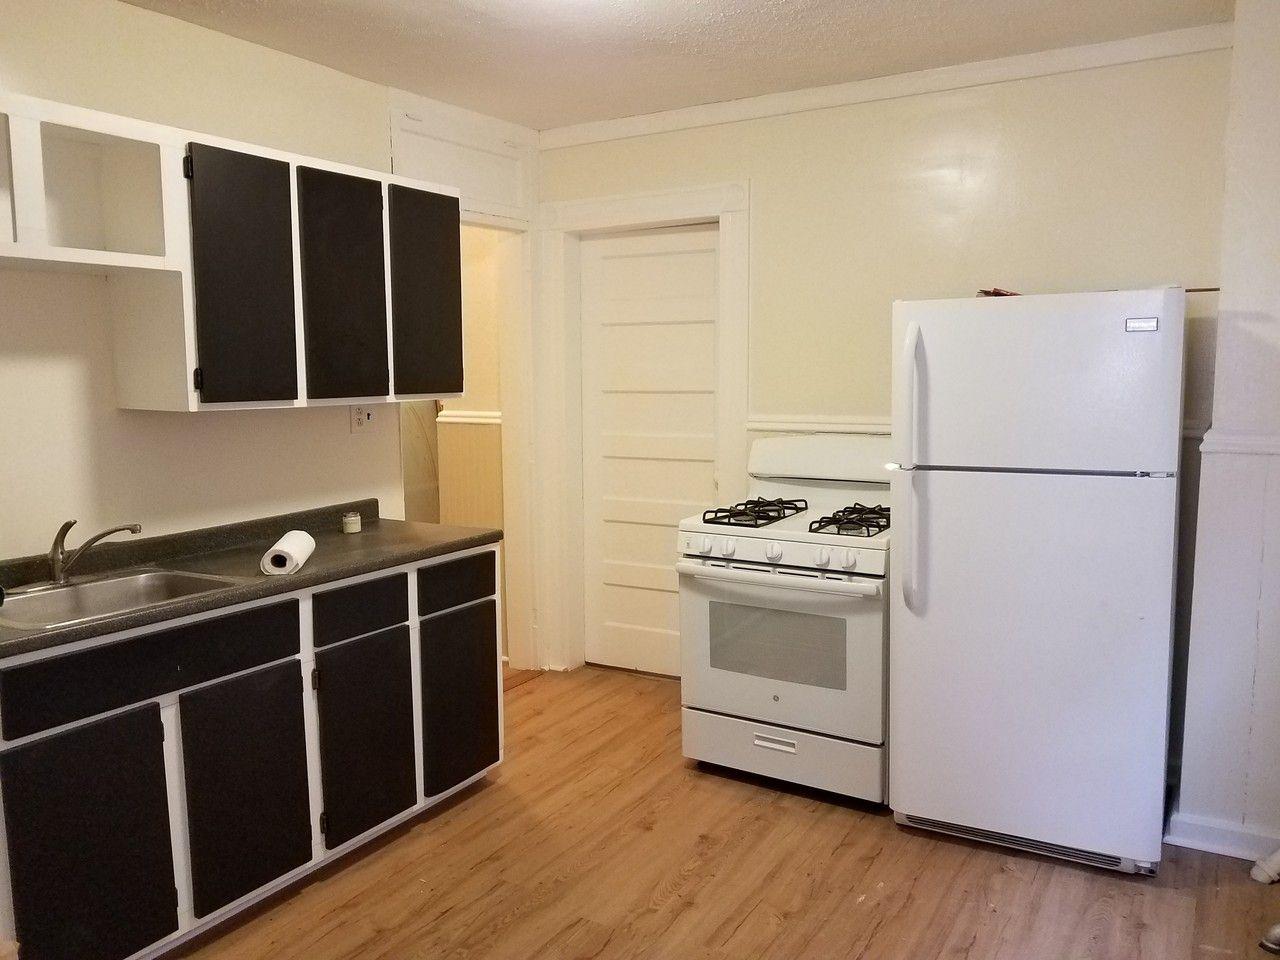 200 Main Street, Bridgeport, CT 200 20 Bedroom Apartment for Rent ...